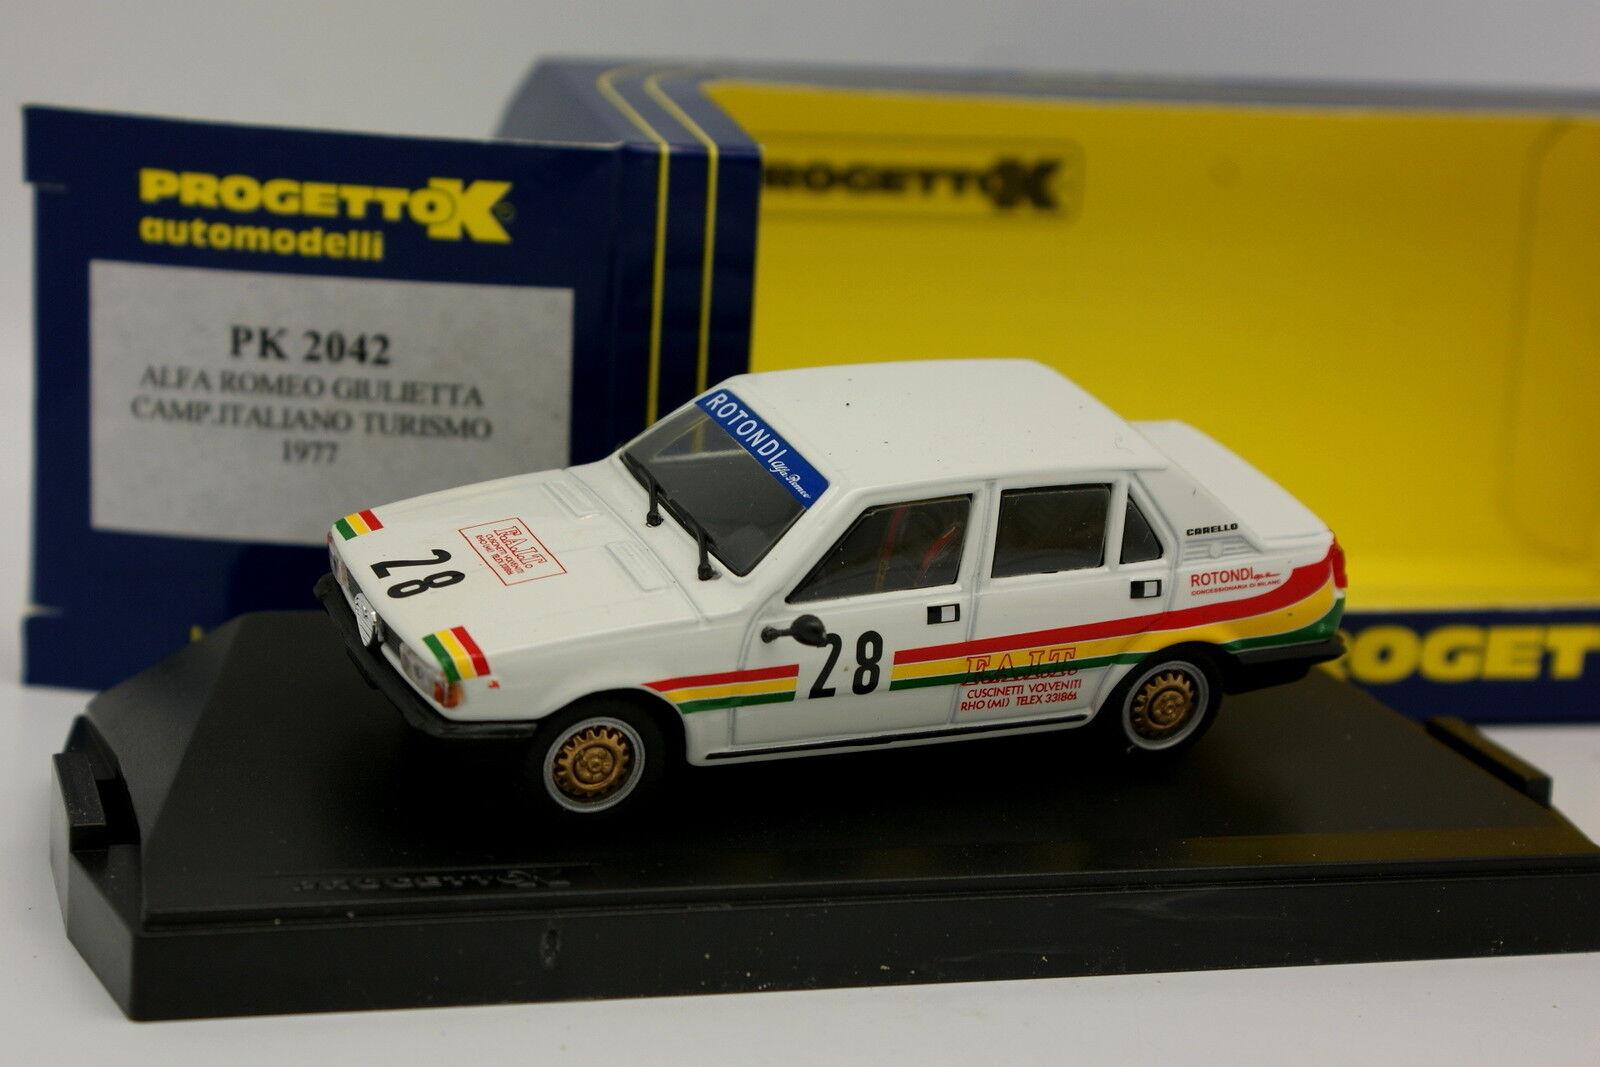 Progetto K 1 43 - Alfa Romeo Giulietta Championnat Italiano Turismo 1977